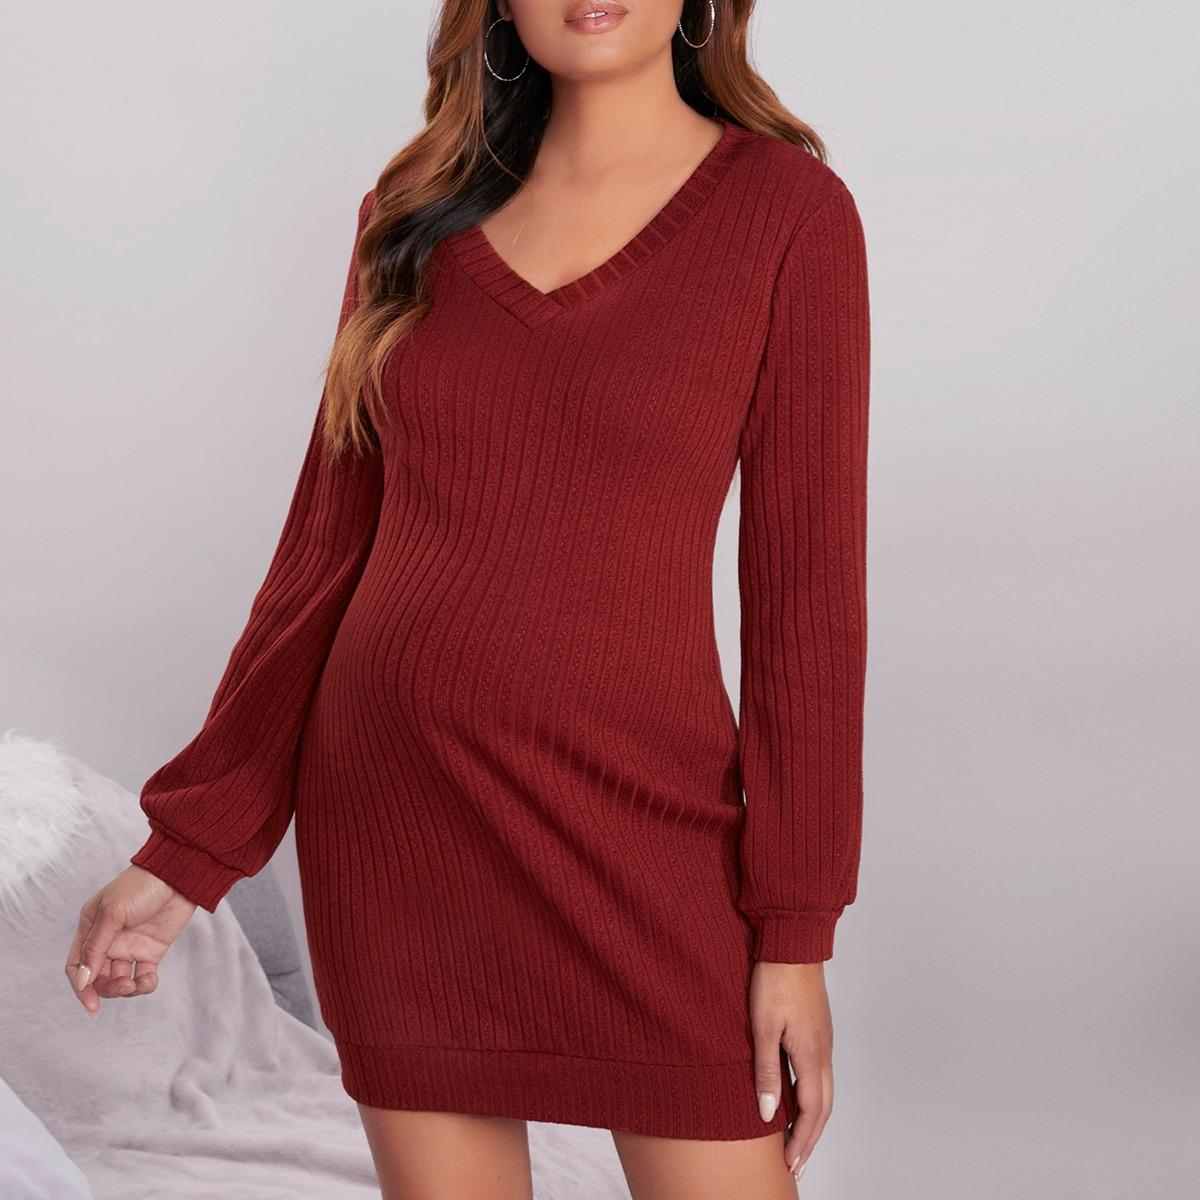 трикотажный Одноцветный Элегантный Платья для беременных от SHEIN